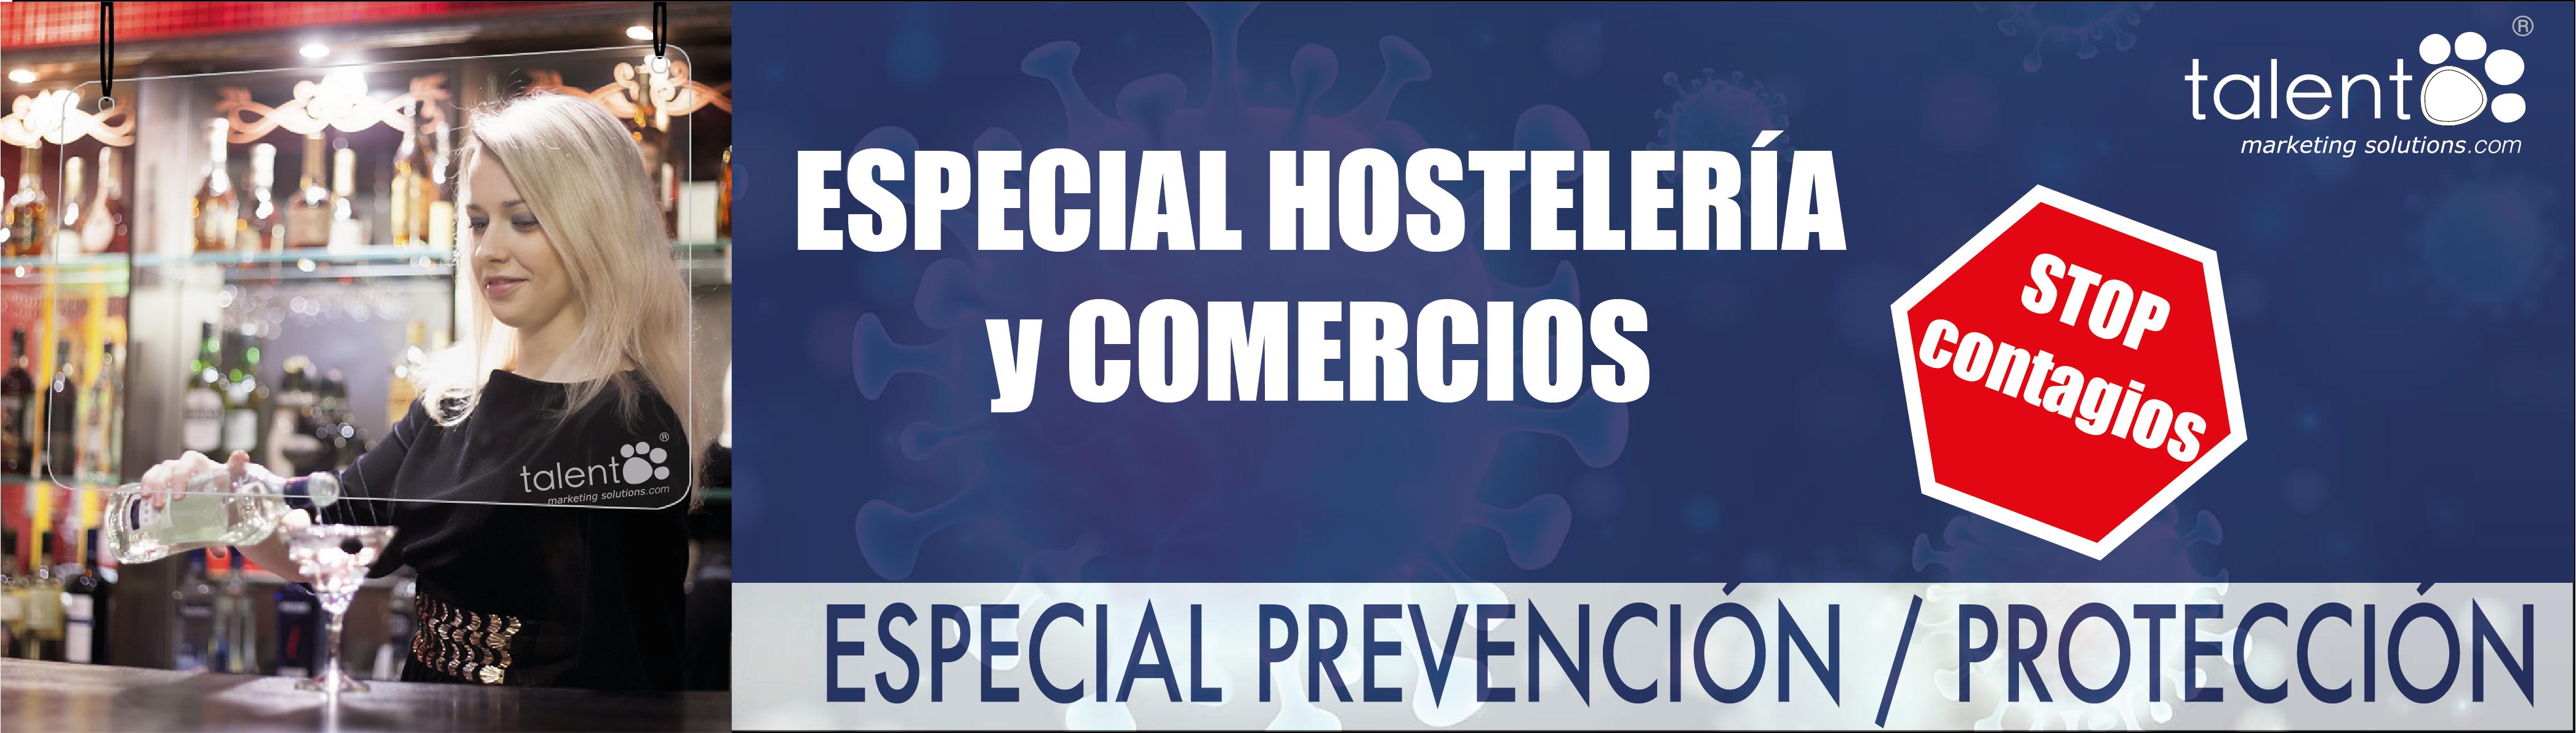 Especial-prevencion-hosteleria-marketingdigital-señaletica